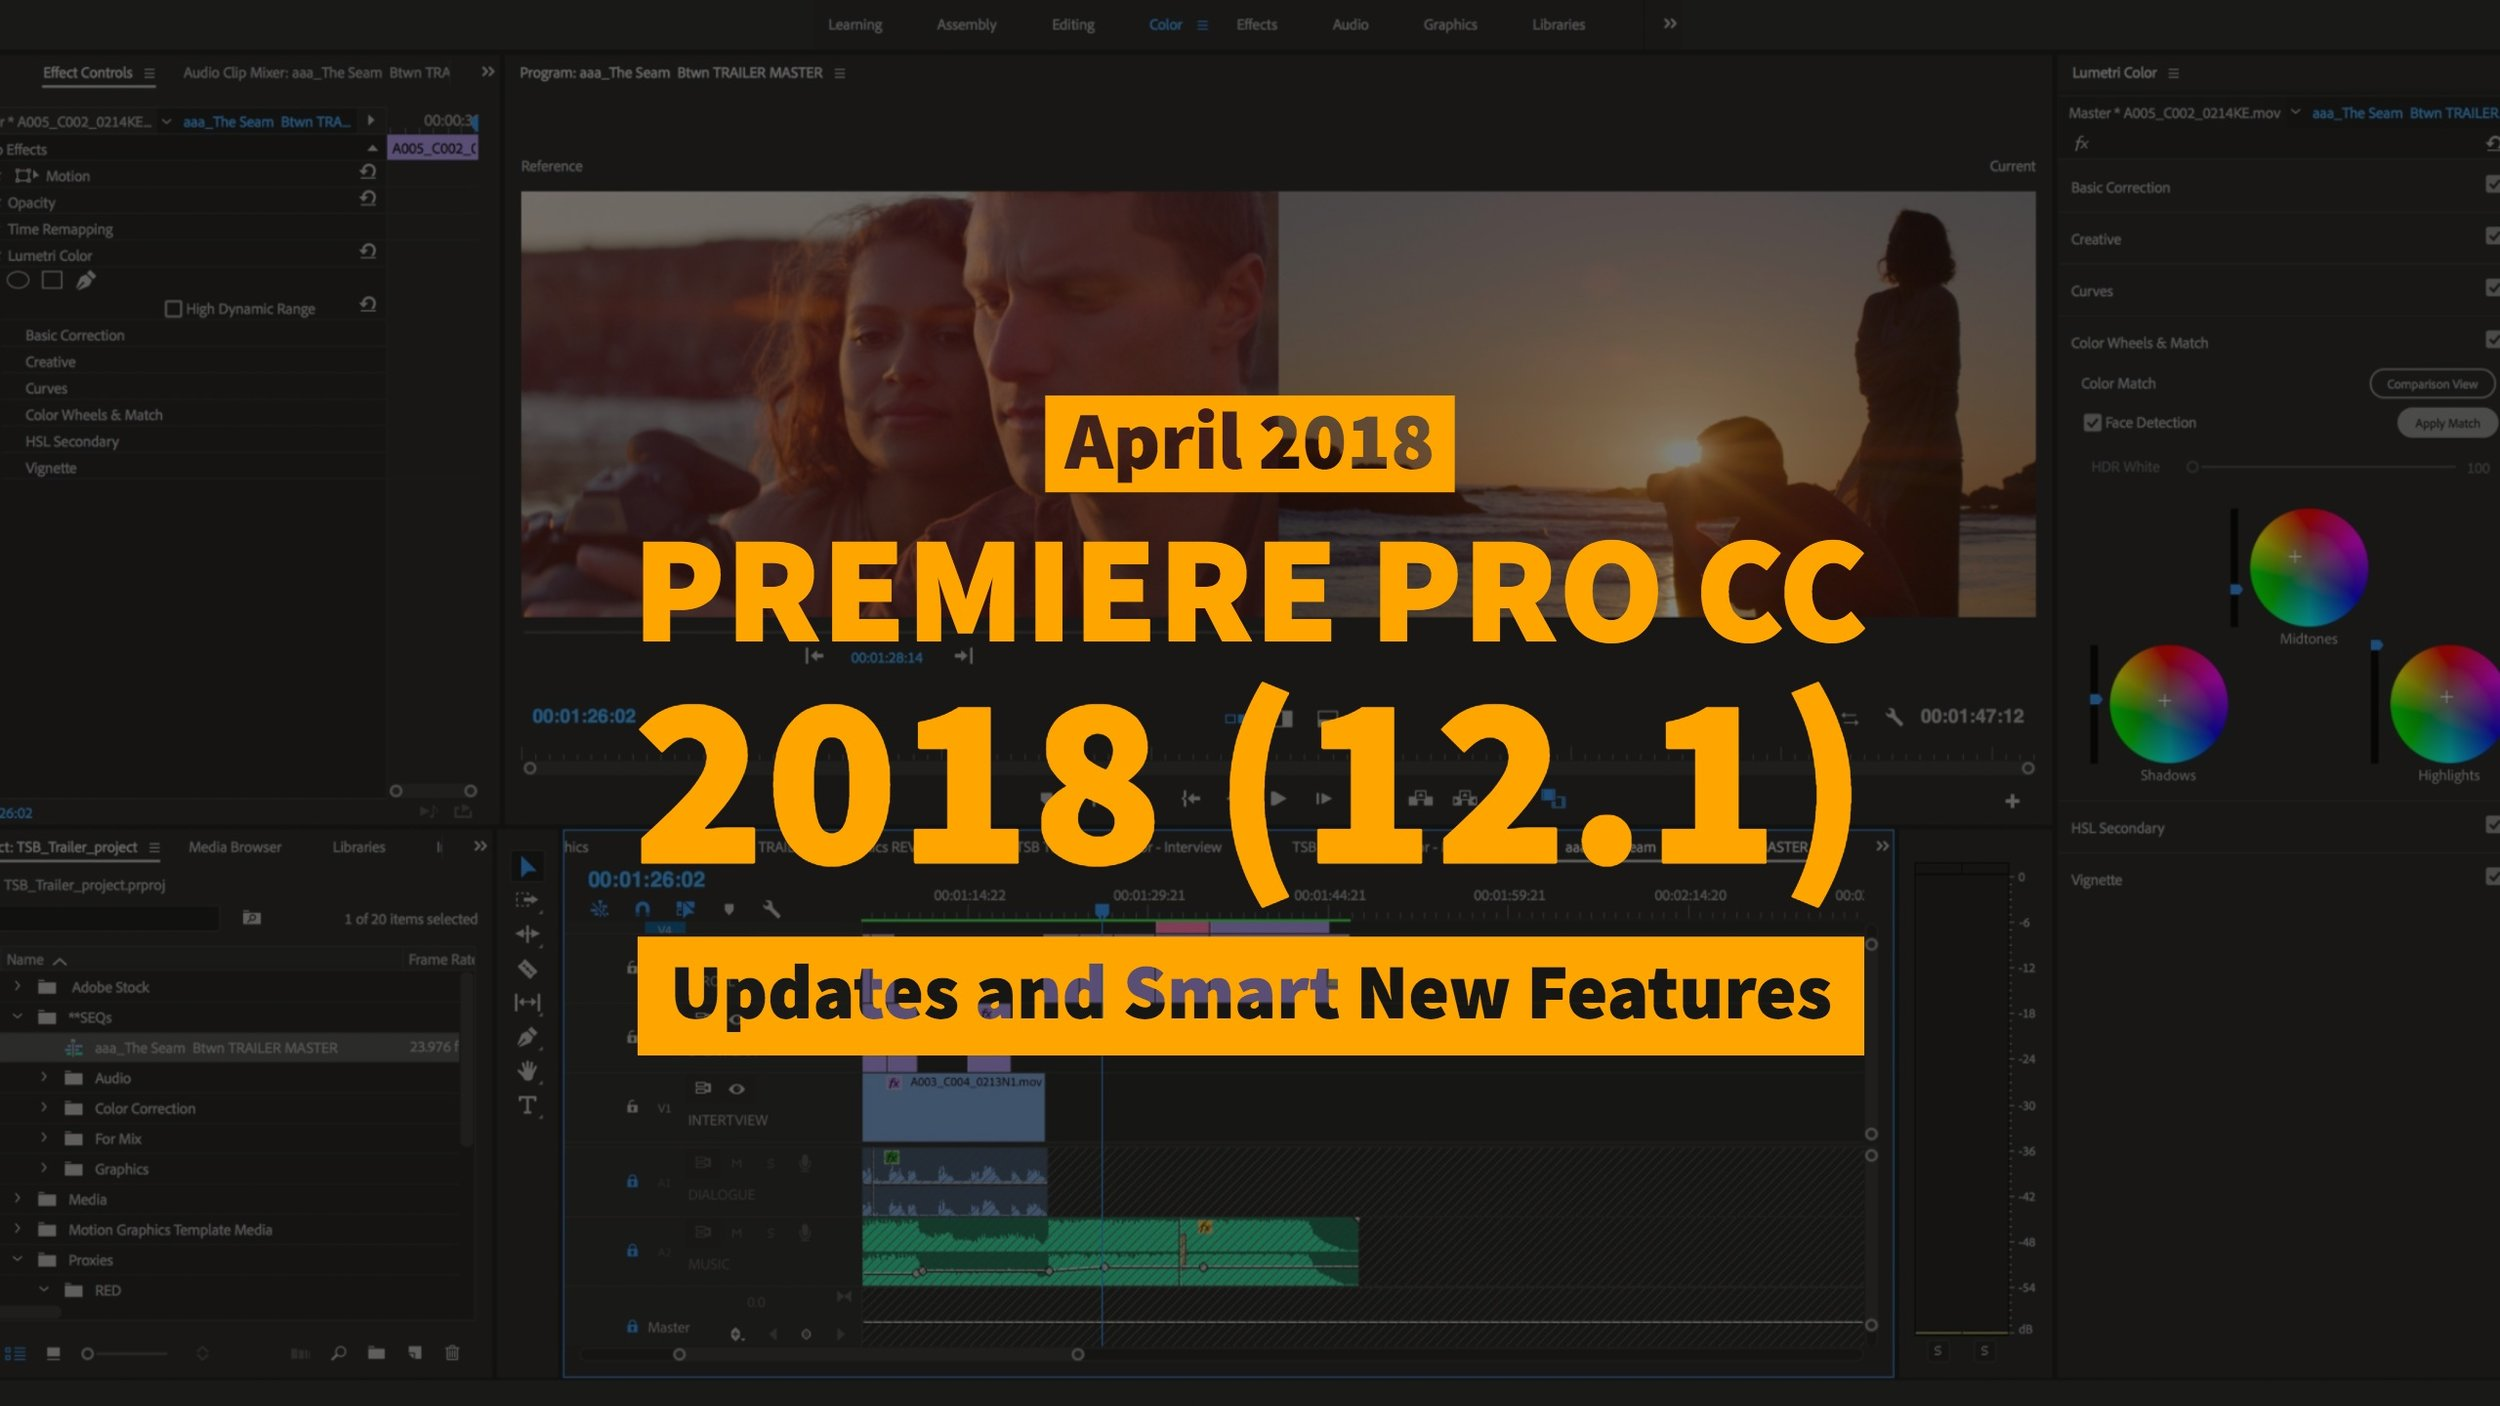 premiere-pro-cc-2018-12-1-april-2018-new-features-updates.jpg